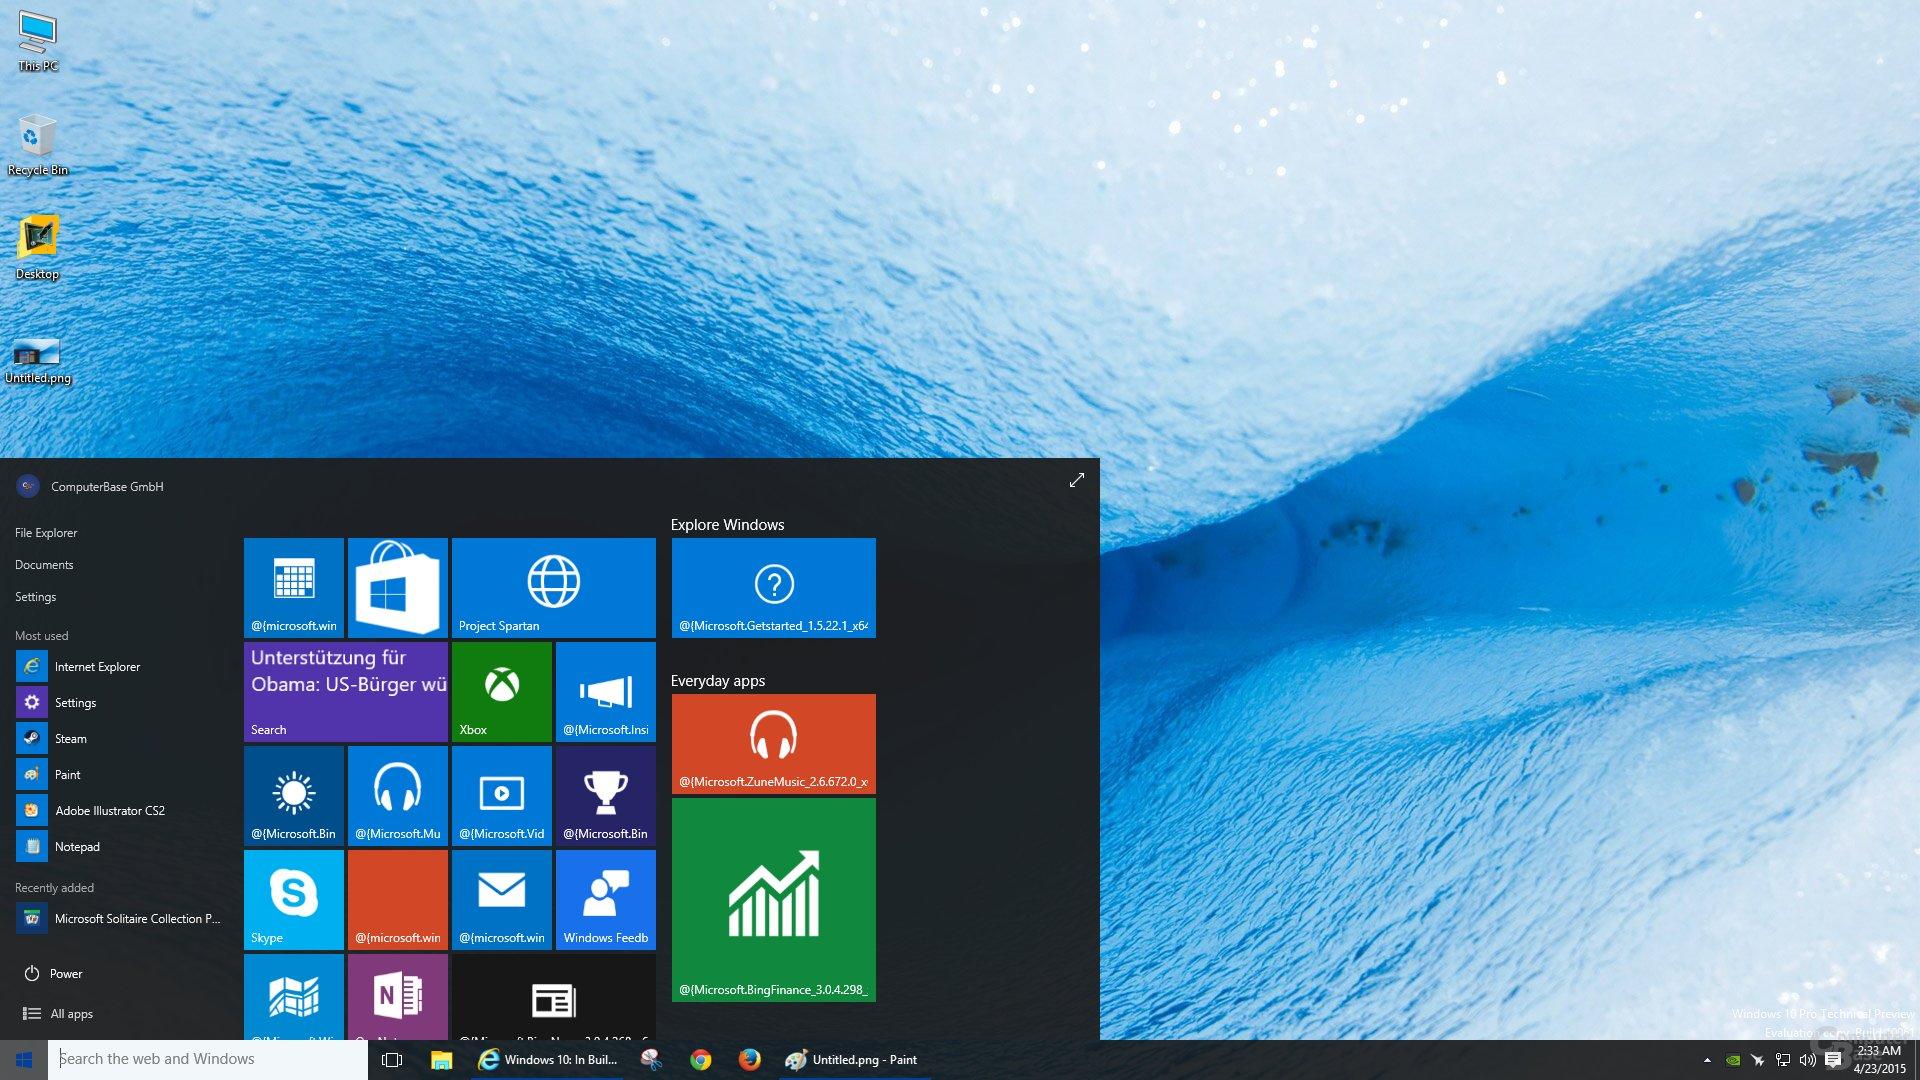 Das neue schwarze Theme in Windows 10 Build 10061